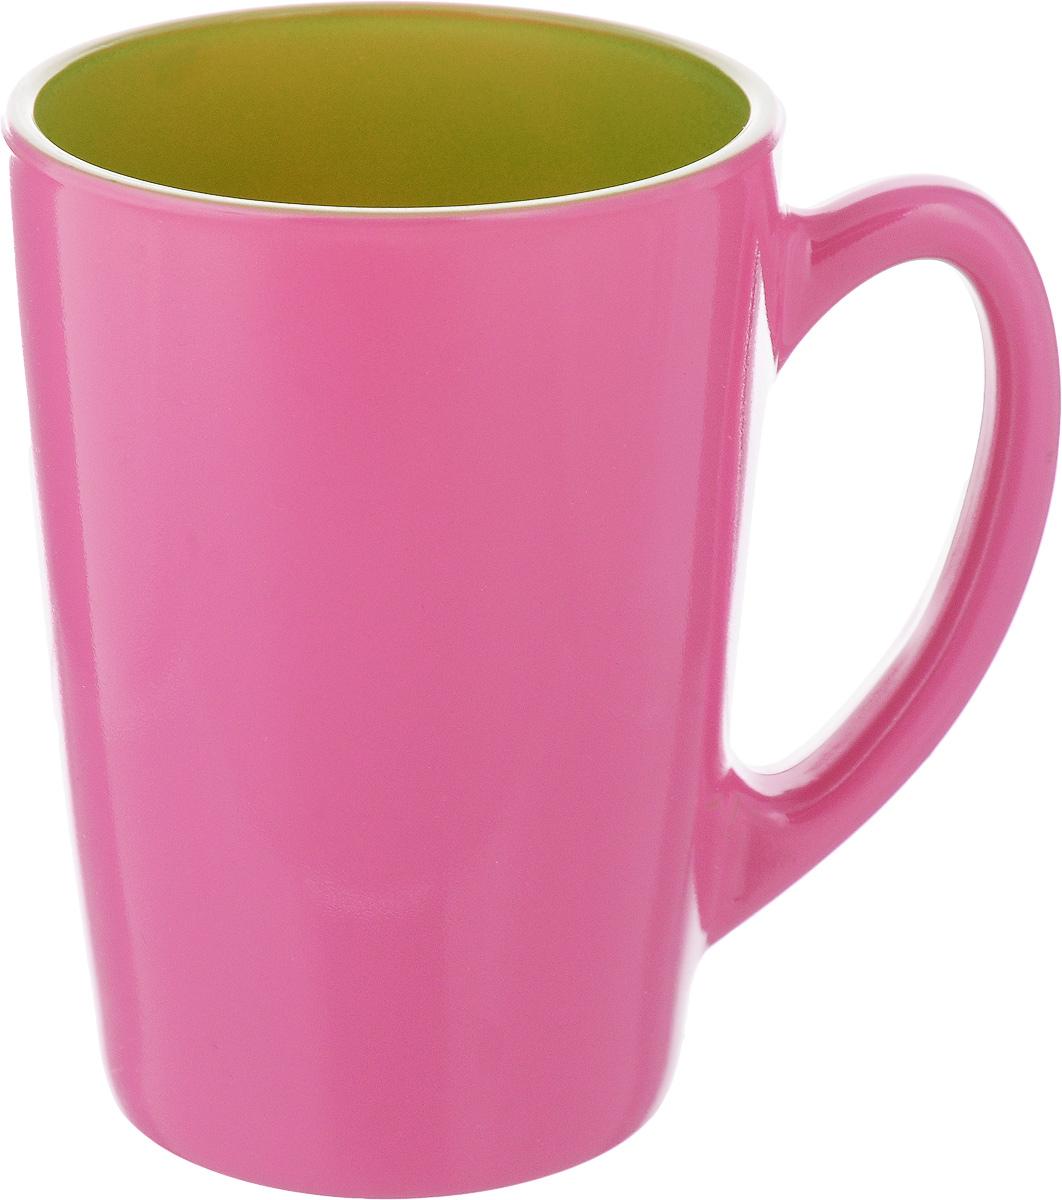 Кружка Luminarc Spring Break, цвет: малиновый, салатовый, 320 мл. J3417-1J3417-1_ малиновый, салатовыйКружка Luminarc Spring Break, изготовленная из ударопрочного стекла, прекрасно подойдет для горячих и холодных напитков. Она дополнит коллекцию вашей кухонной посуды и будет служить долгие годы. Можно использовать в микроволновой печи и мыть в посудомоечной машине. Диаметр кружки (по верхнему краю): 8 см.Высота стенки кружки: 11 см.